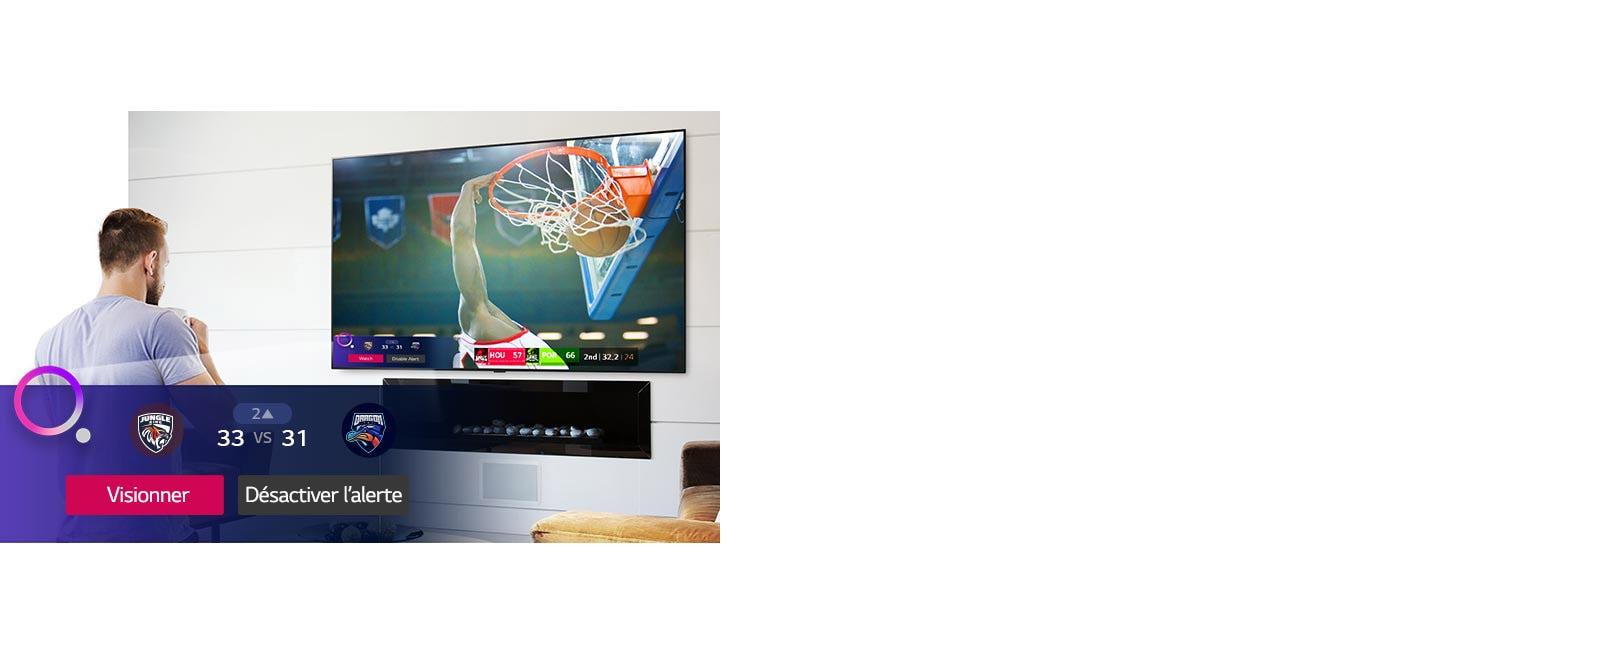 Un écran de télévision montrant une scène d'un match de basket-ball avec une alerte sportive